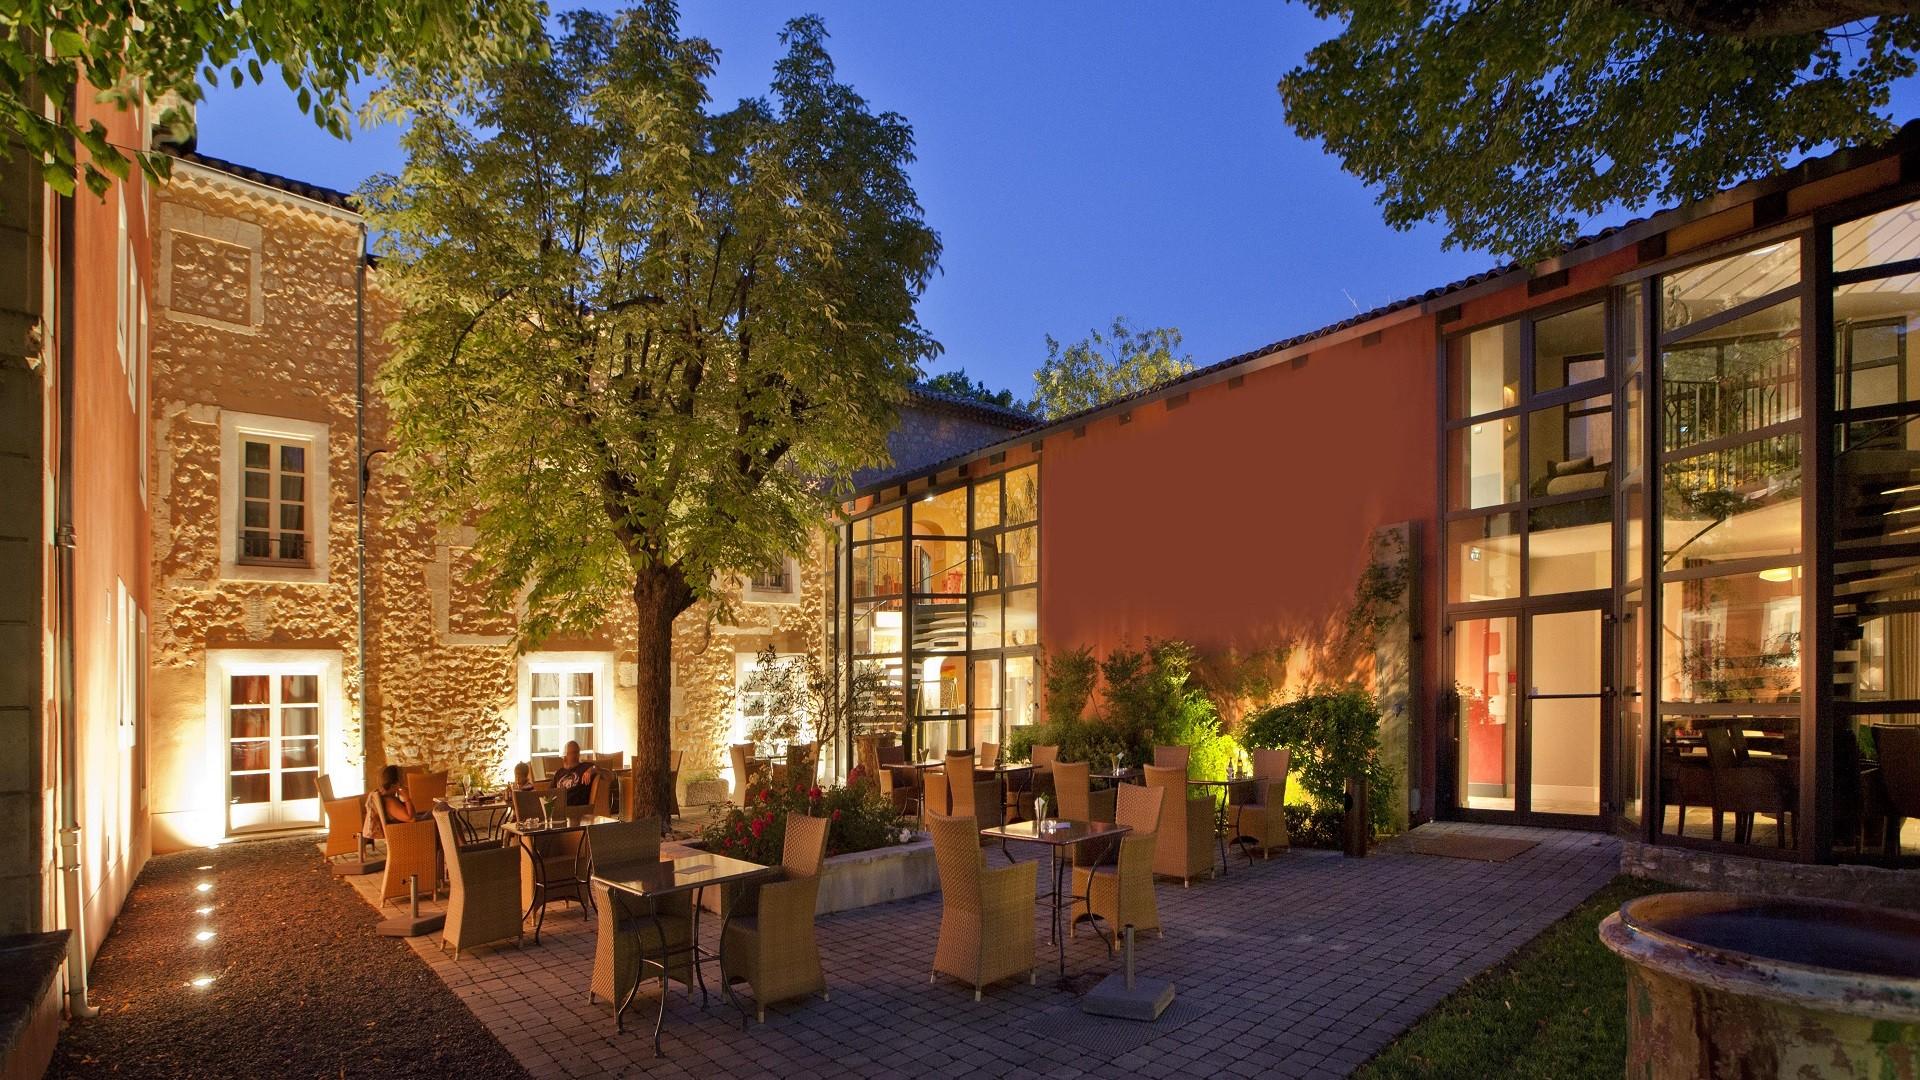 villa-augusta-drome-avignon-seminaires-de-caractere-patio